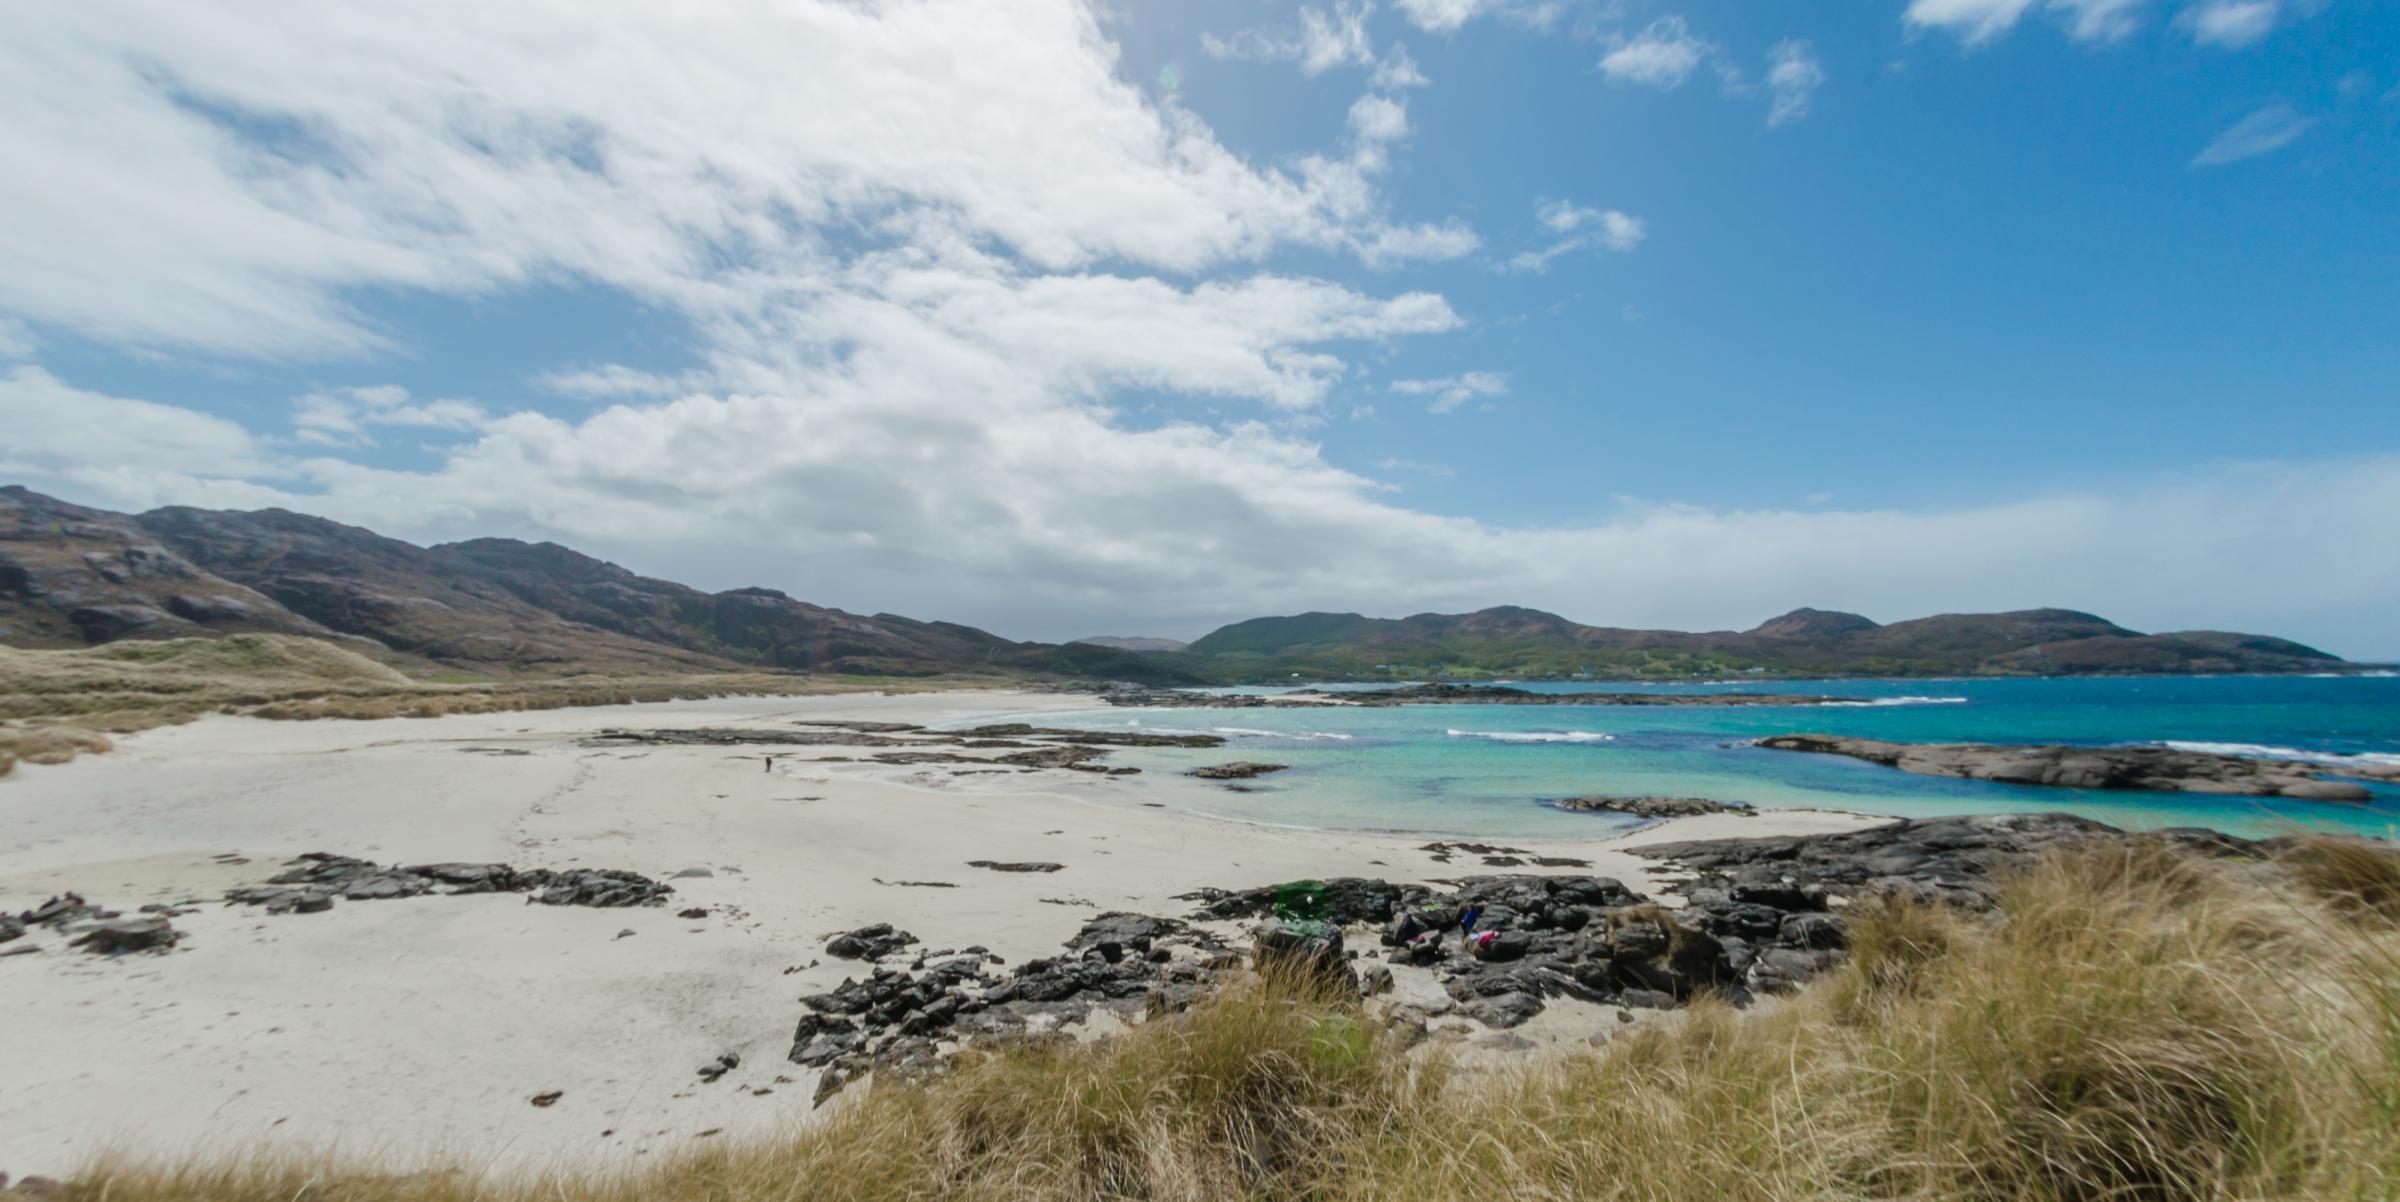 La autora Fiona Valpy sobre las alegrías de la bahía de Sanna y la península de Ardnamurchan